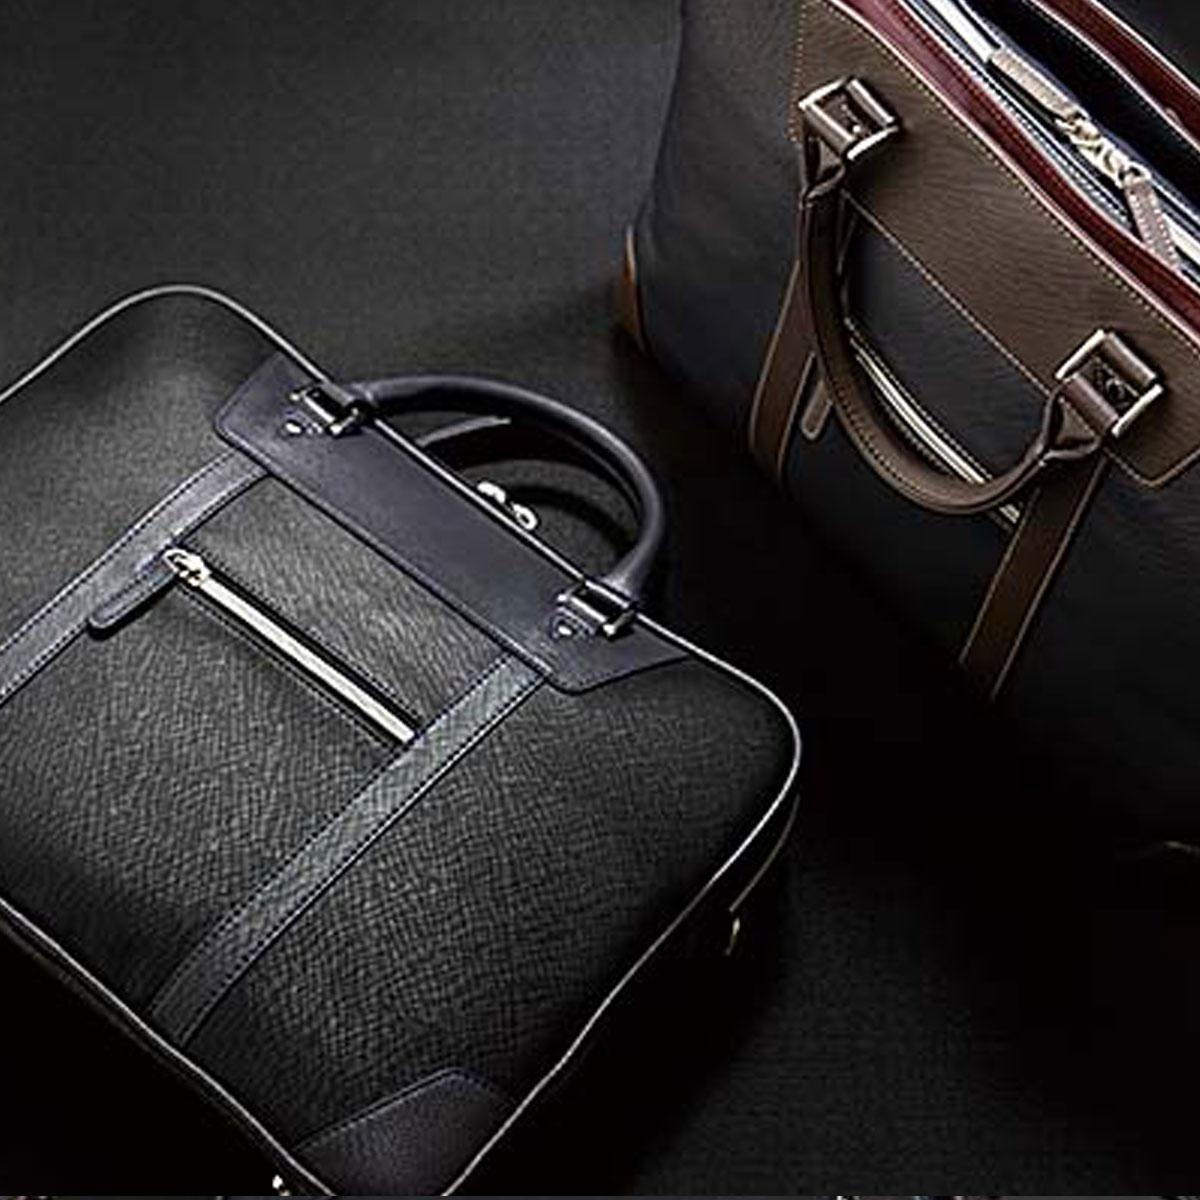 ビジネスバッグ メンズ ショルダー付 ブリーフケース3層 リナジーノ KPタイプ 22-5308